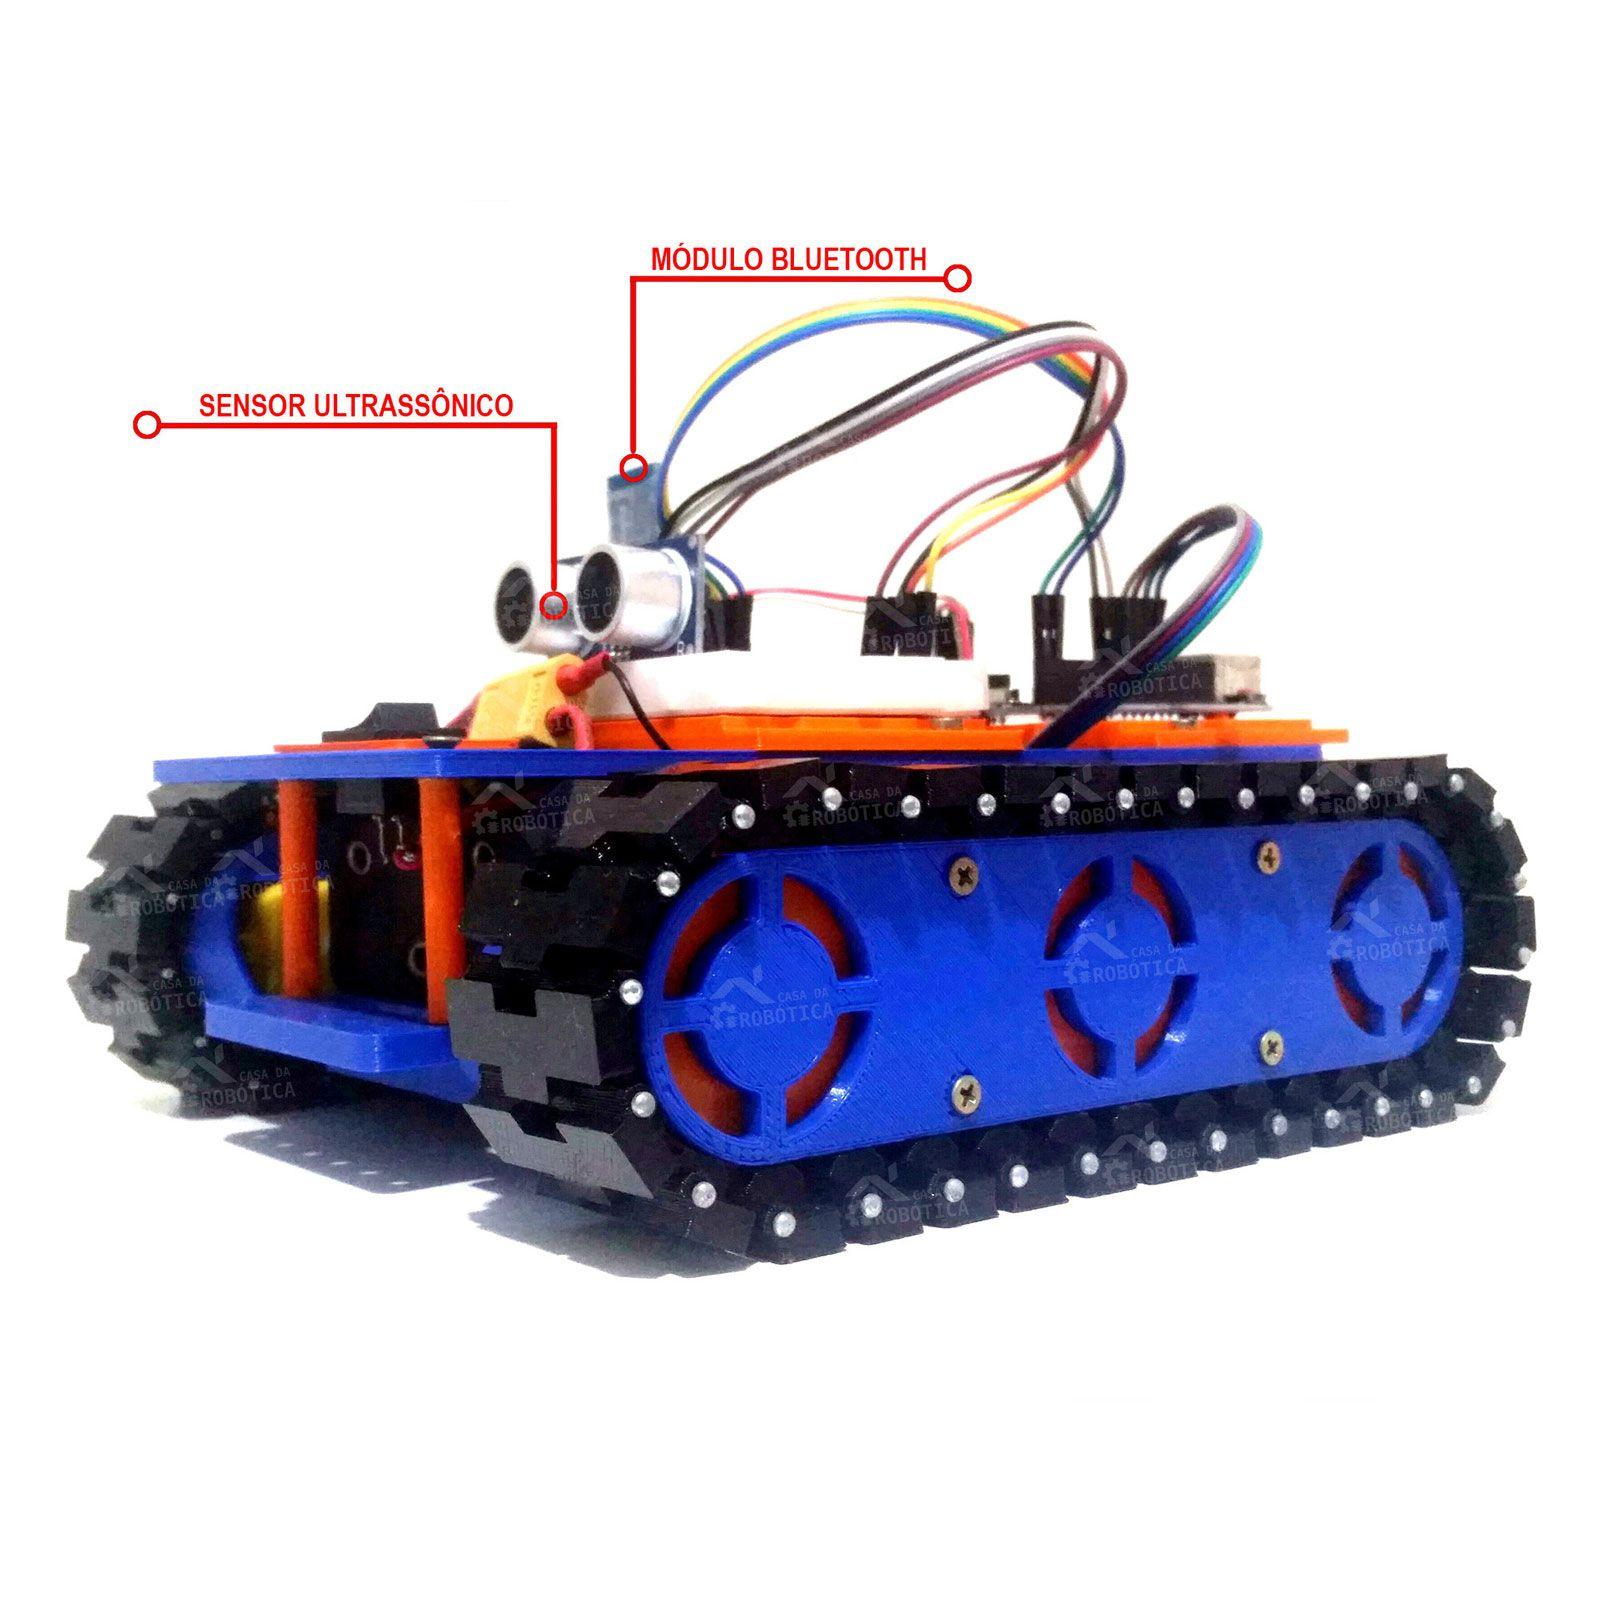 Plataforma Robótica Educacional Tank / Esteira Com Arduino